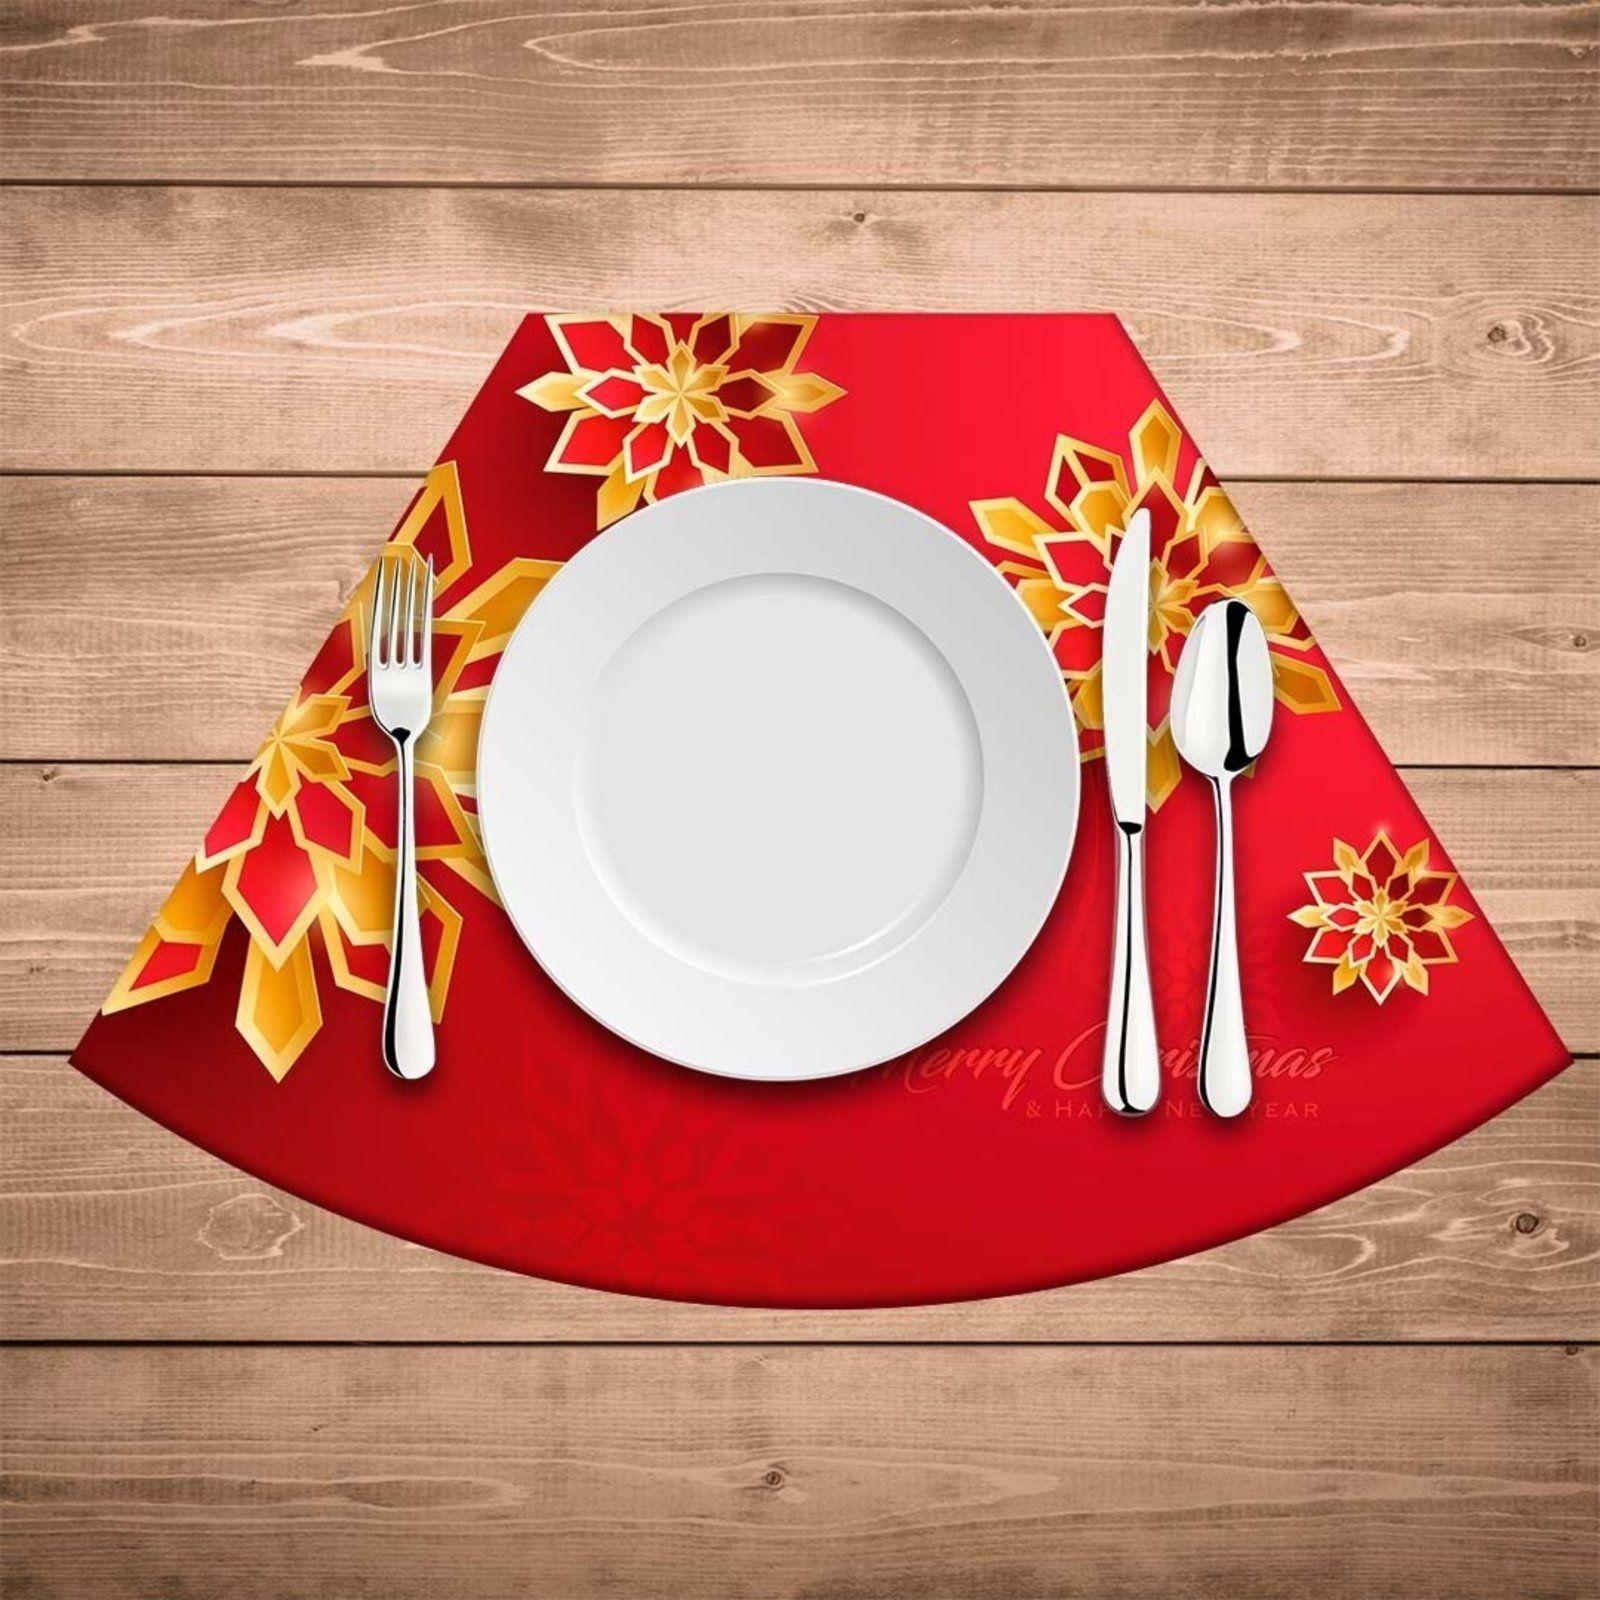 Jogo Americano De Natal Redondo Flor Abstrata Natalina Kit Com 6 Pcs Em 2021 Jogo Americano De Natal Flores Abstratas Natal